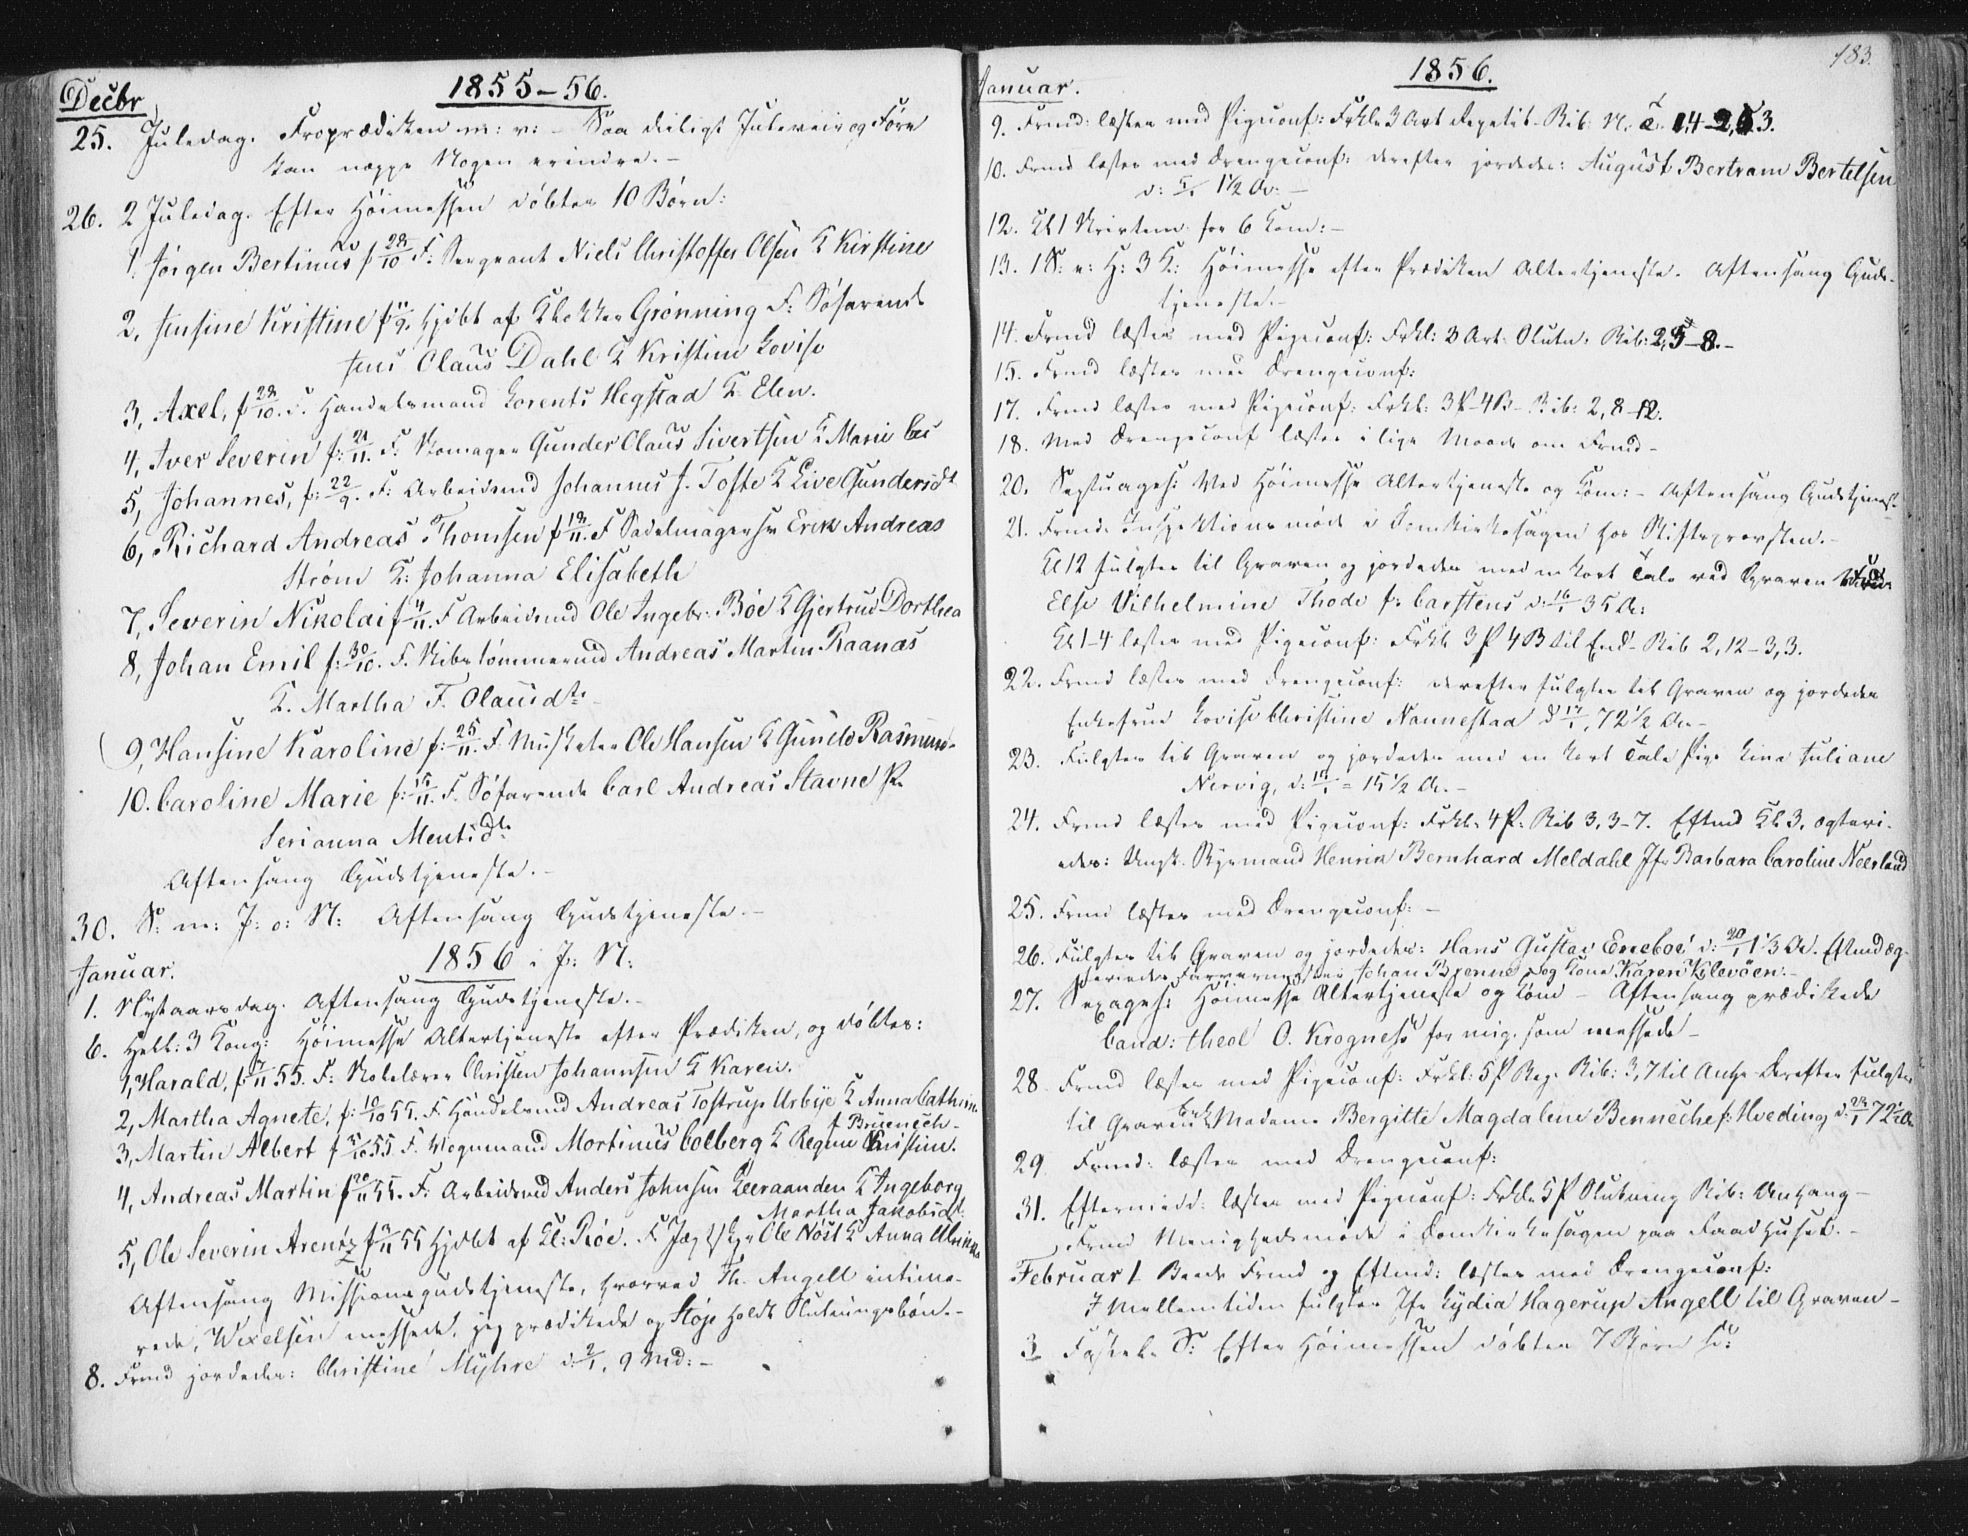 SAT, Ministerialprotokoller, klokkerbøker og fødselsregistre - Sør-Trøndelag, 602/L0127: Residerende kapellans bok nr. 602B01, 1821-1875, s. 183